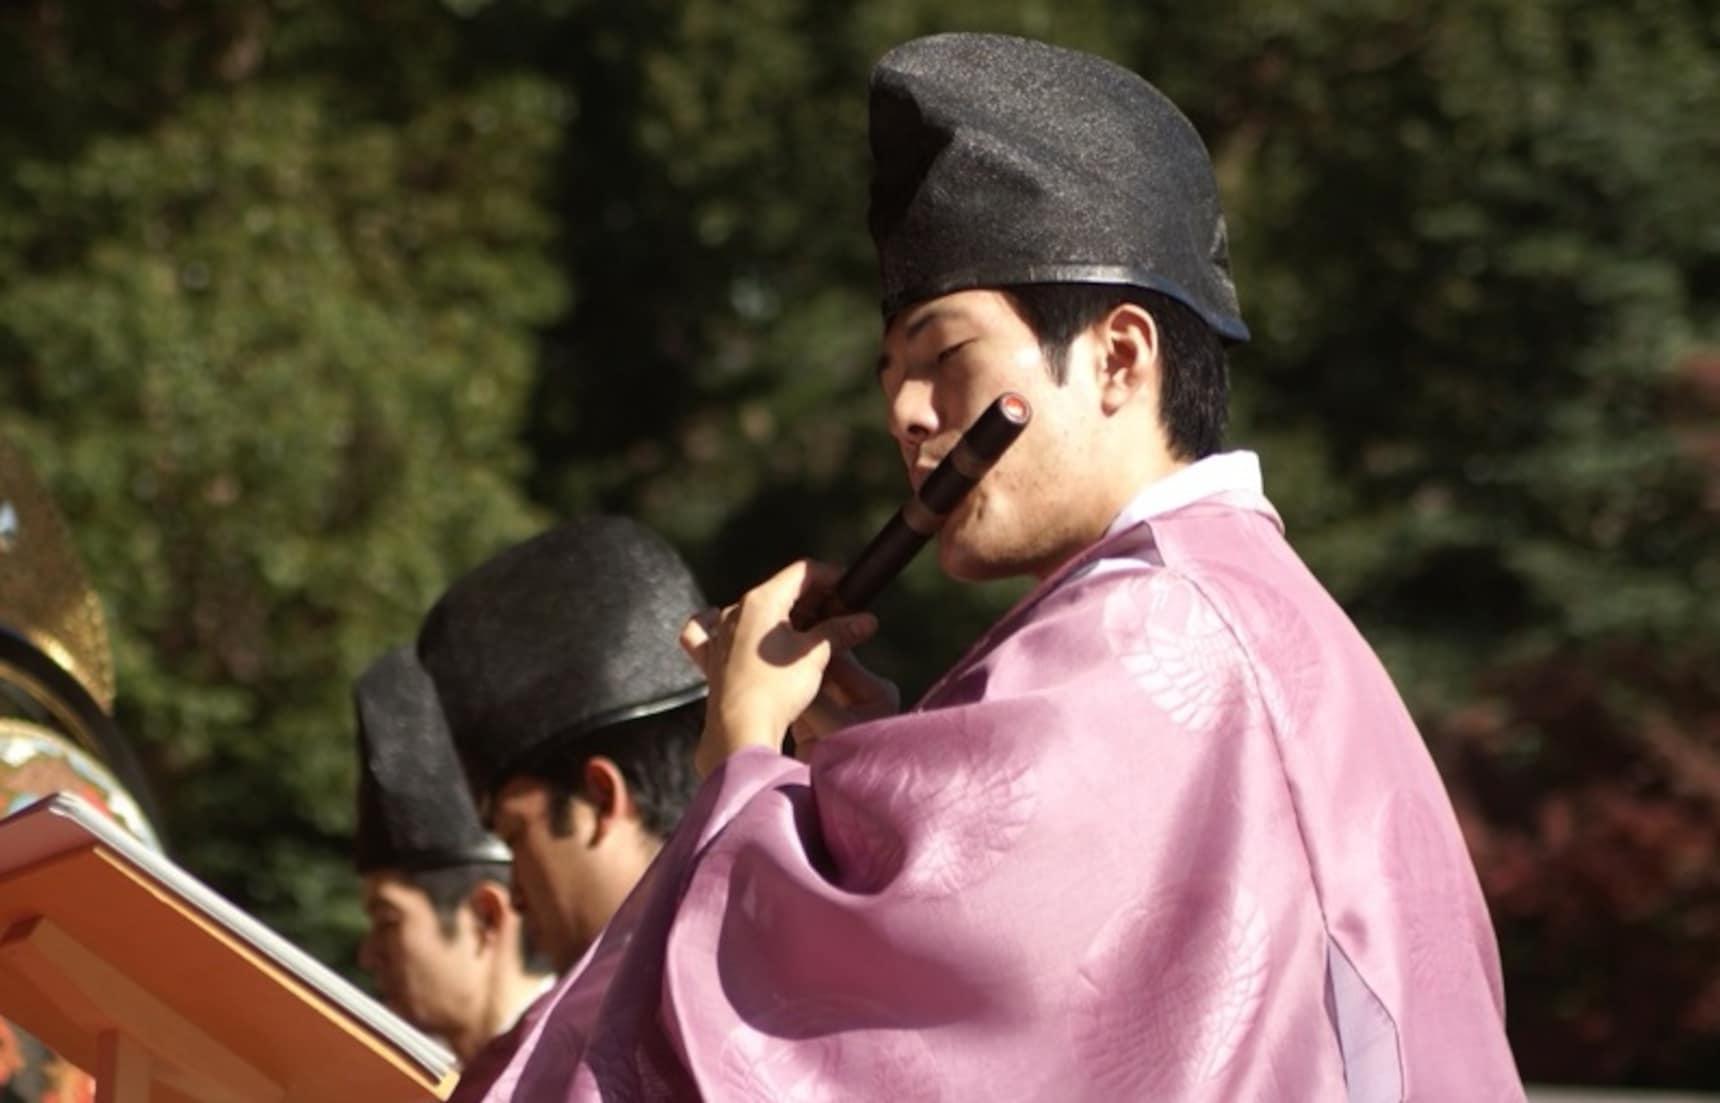 รอบรู้เรื่องเครื่องดนตรีญี่ปุ่น ภาคเครื่องเป่า